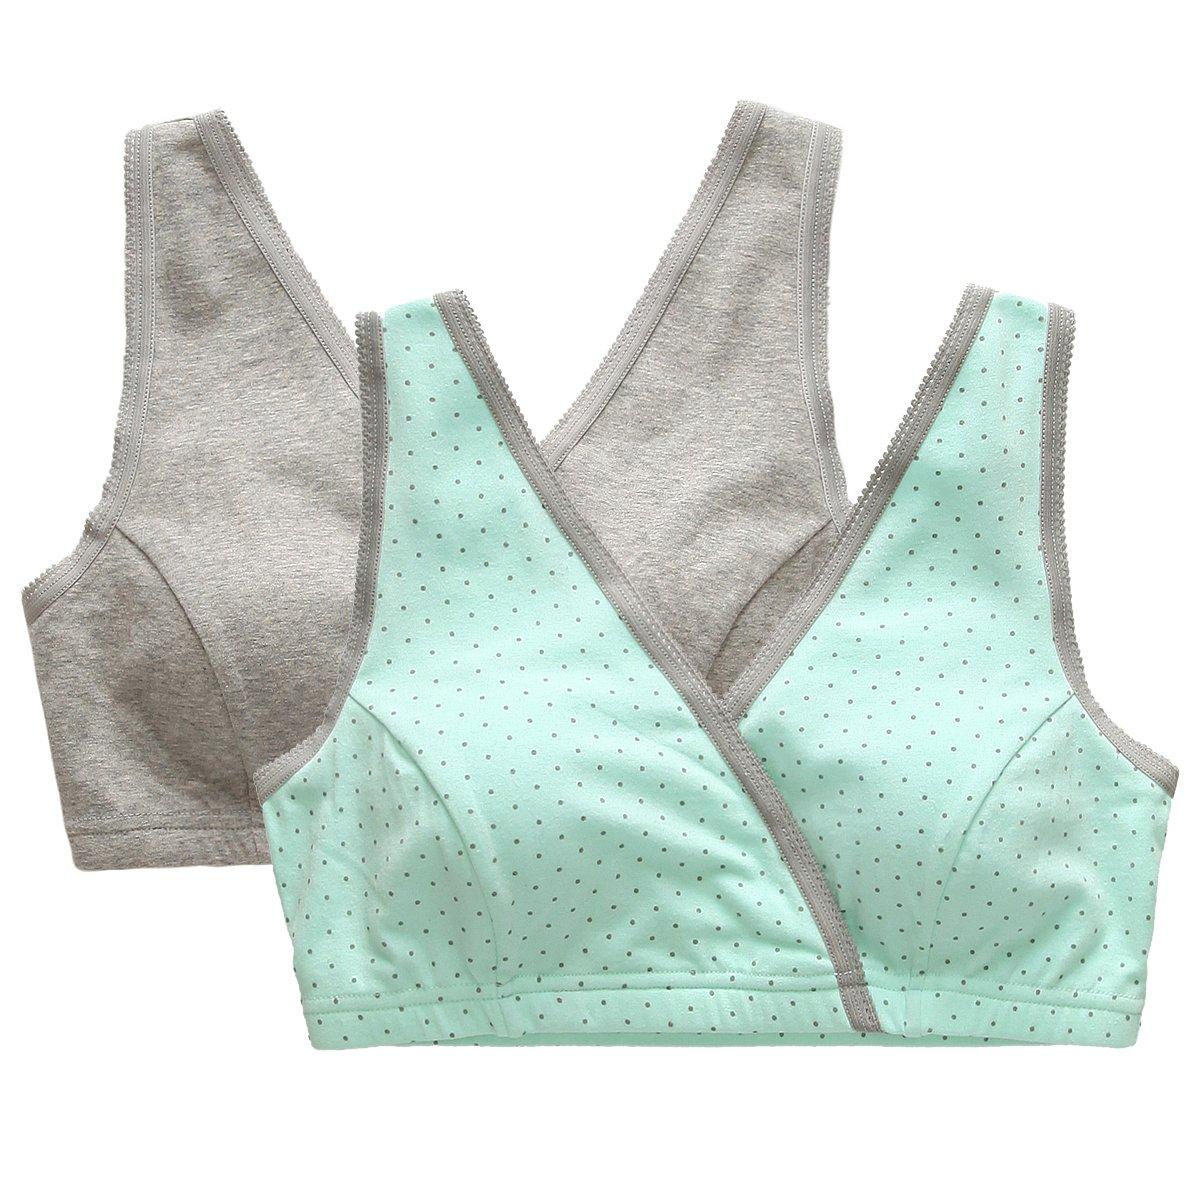 ZUMIY® Sujetador Premamá y de Lactancia para Mujer - Sujetadores para Embarazadas